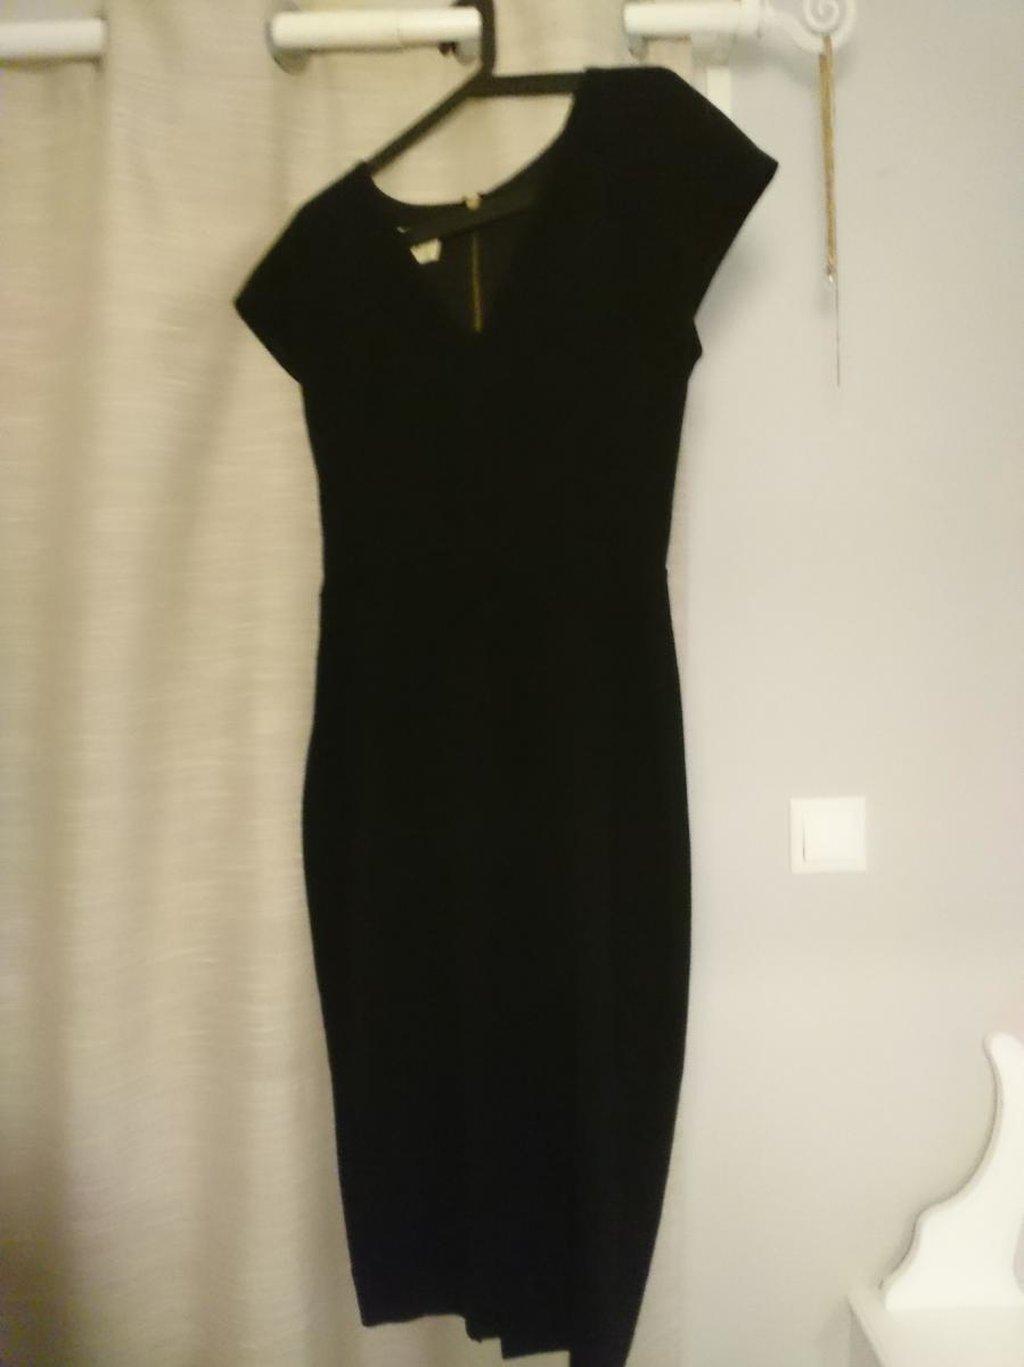 Doll's Baby επώνυμο φορεμα καινούργιο 125 αρχική τιμη